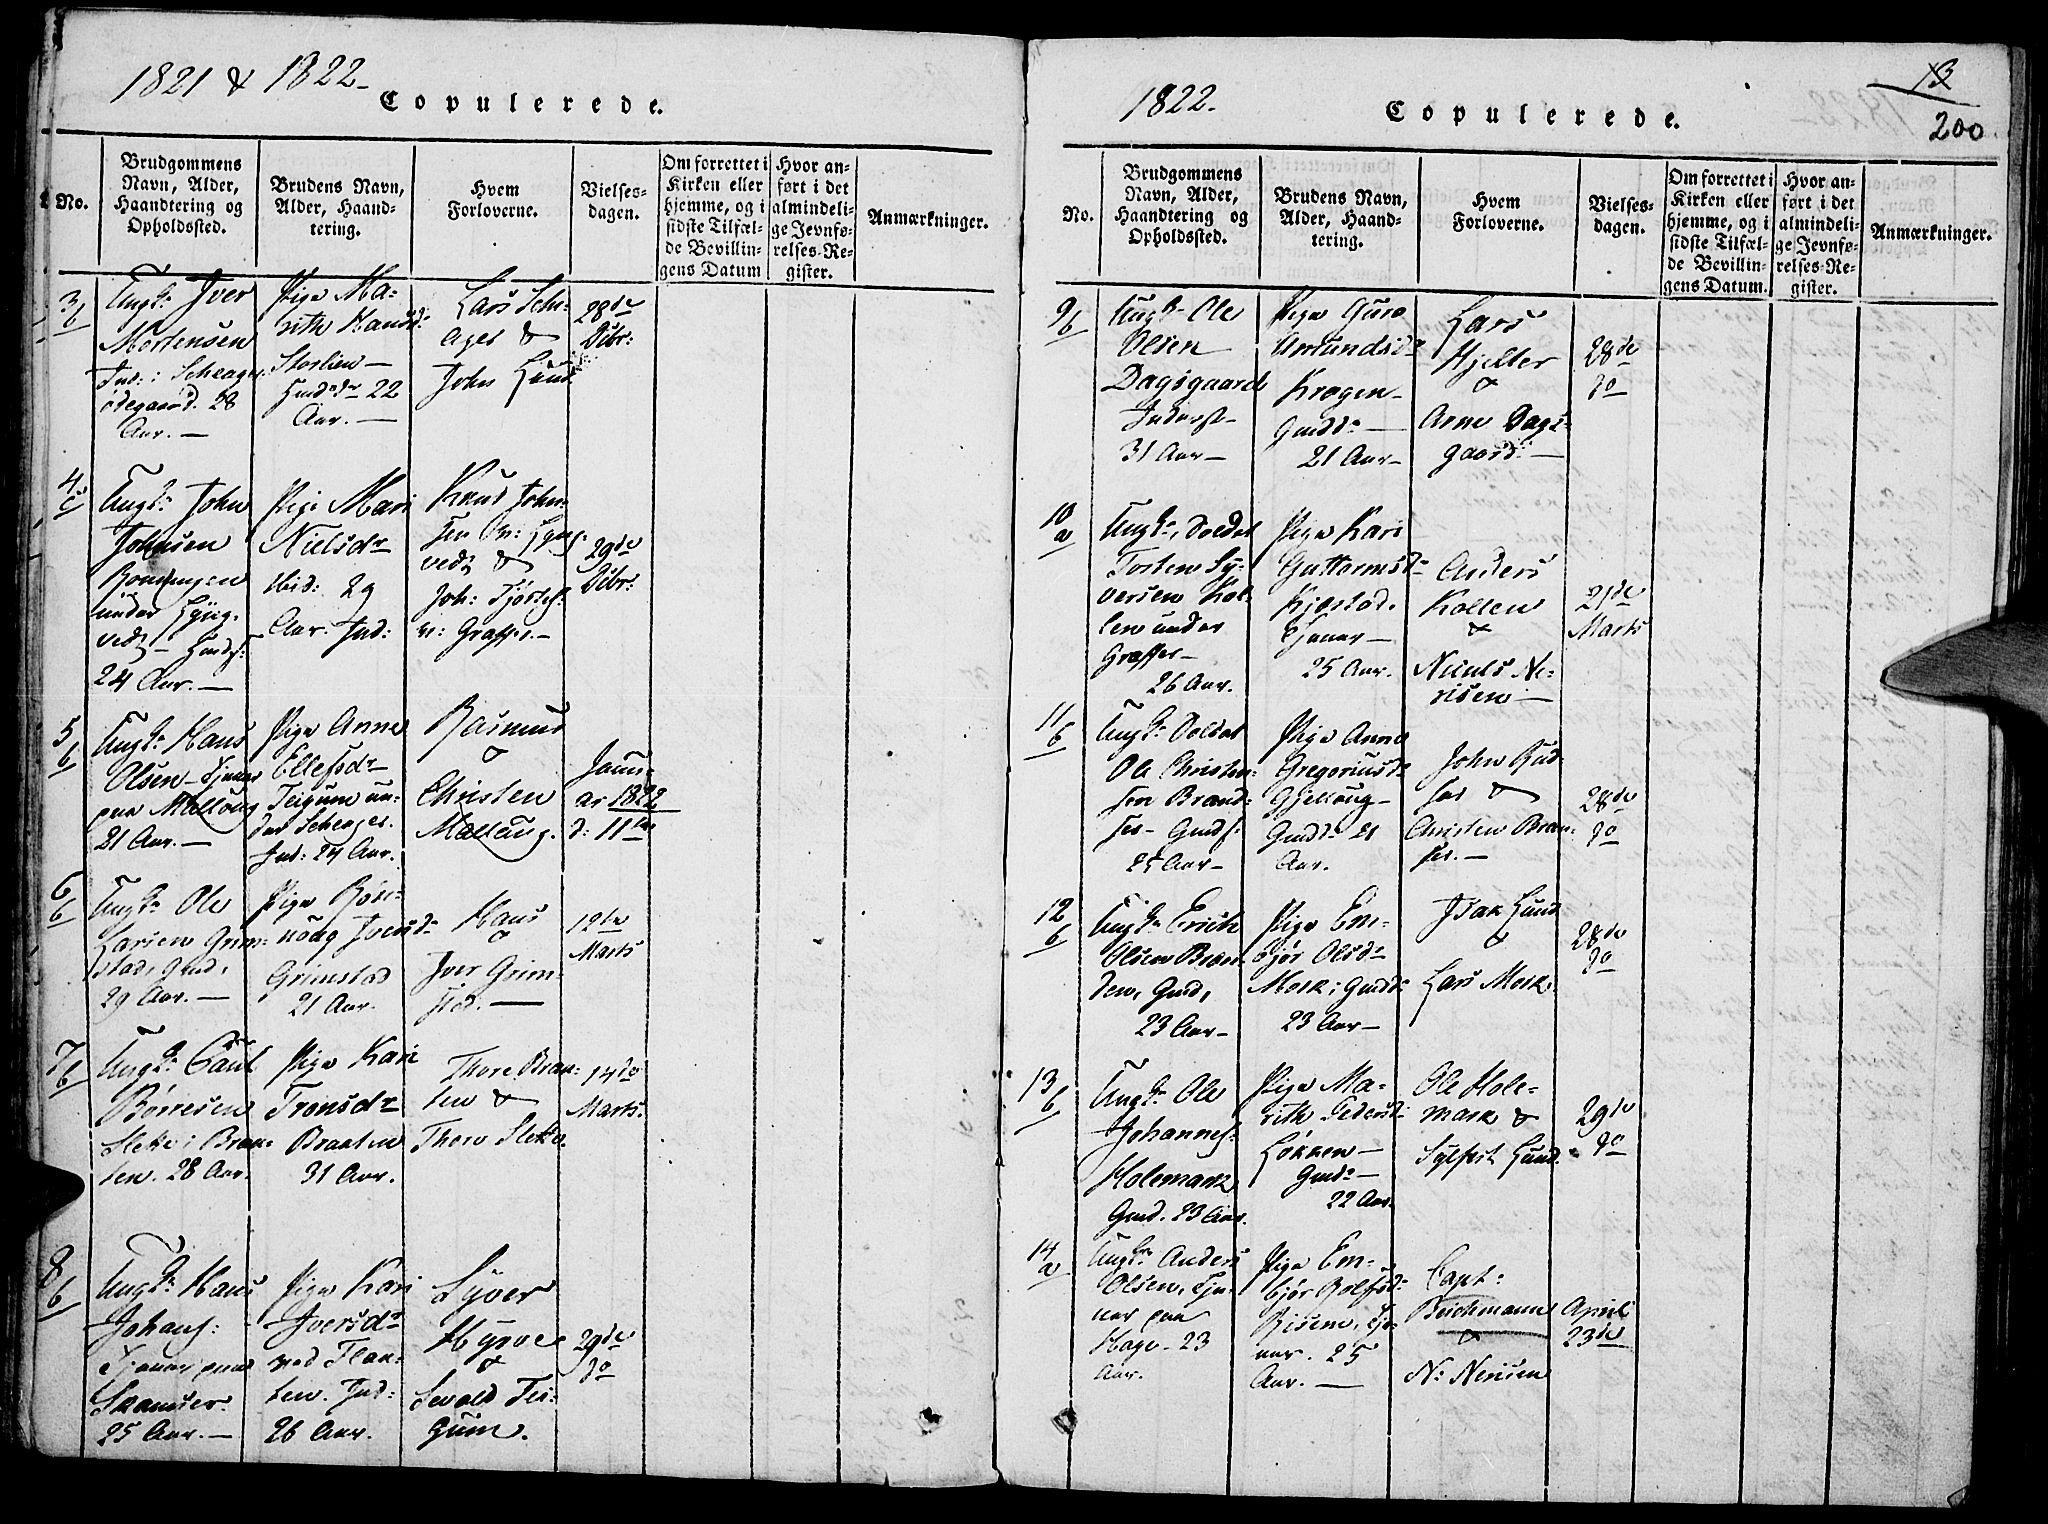 SAH, Lom prestekontor, K/L0004: Ministerialbok nr. 4, 1815-1825, s. 200